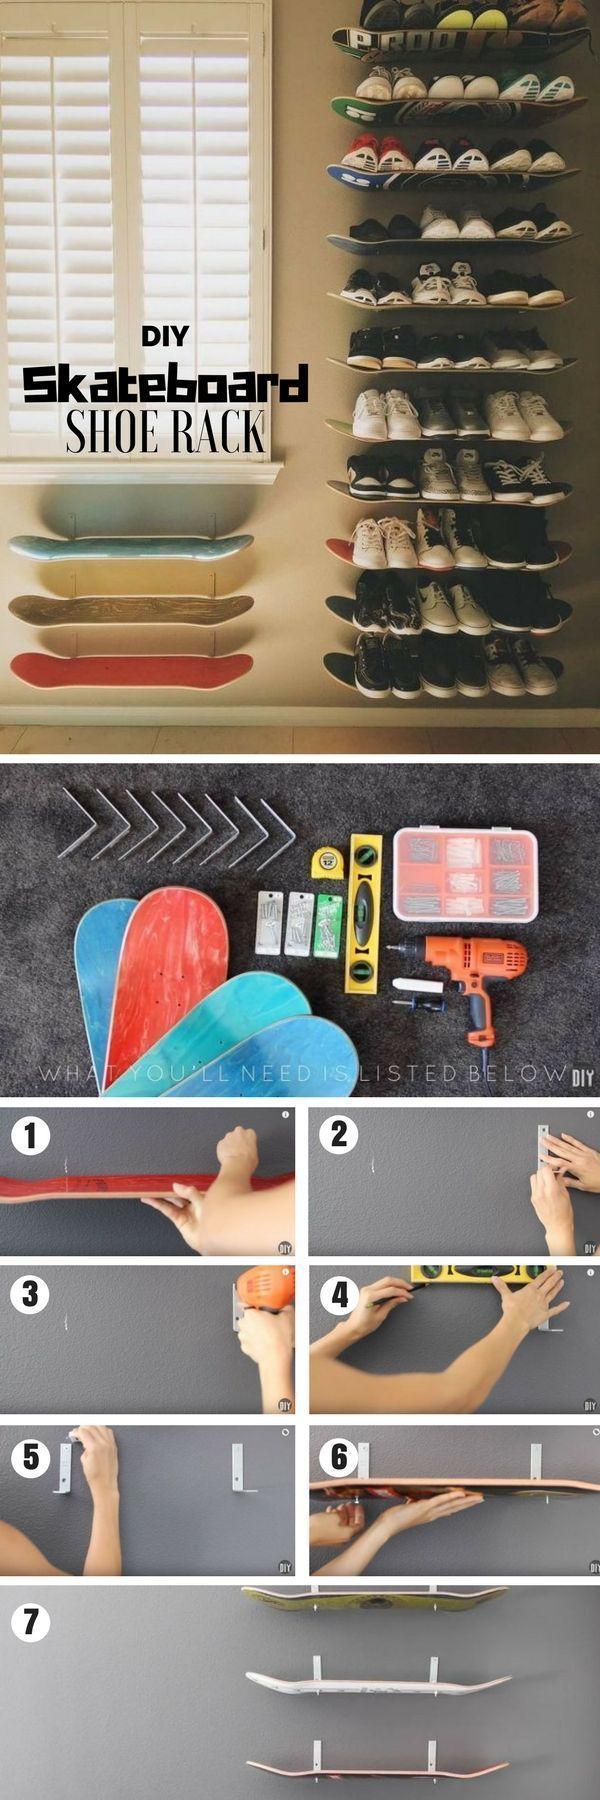 Finden Sie heraus, wie Sie aus alten Skateboards ein DIY-Schuhregal bauen können. #alten #bauen #find #out # können